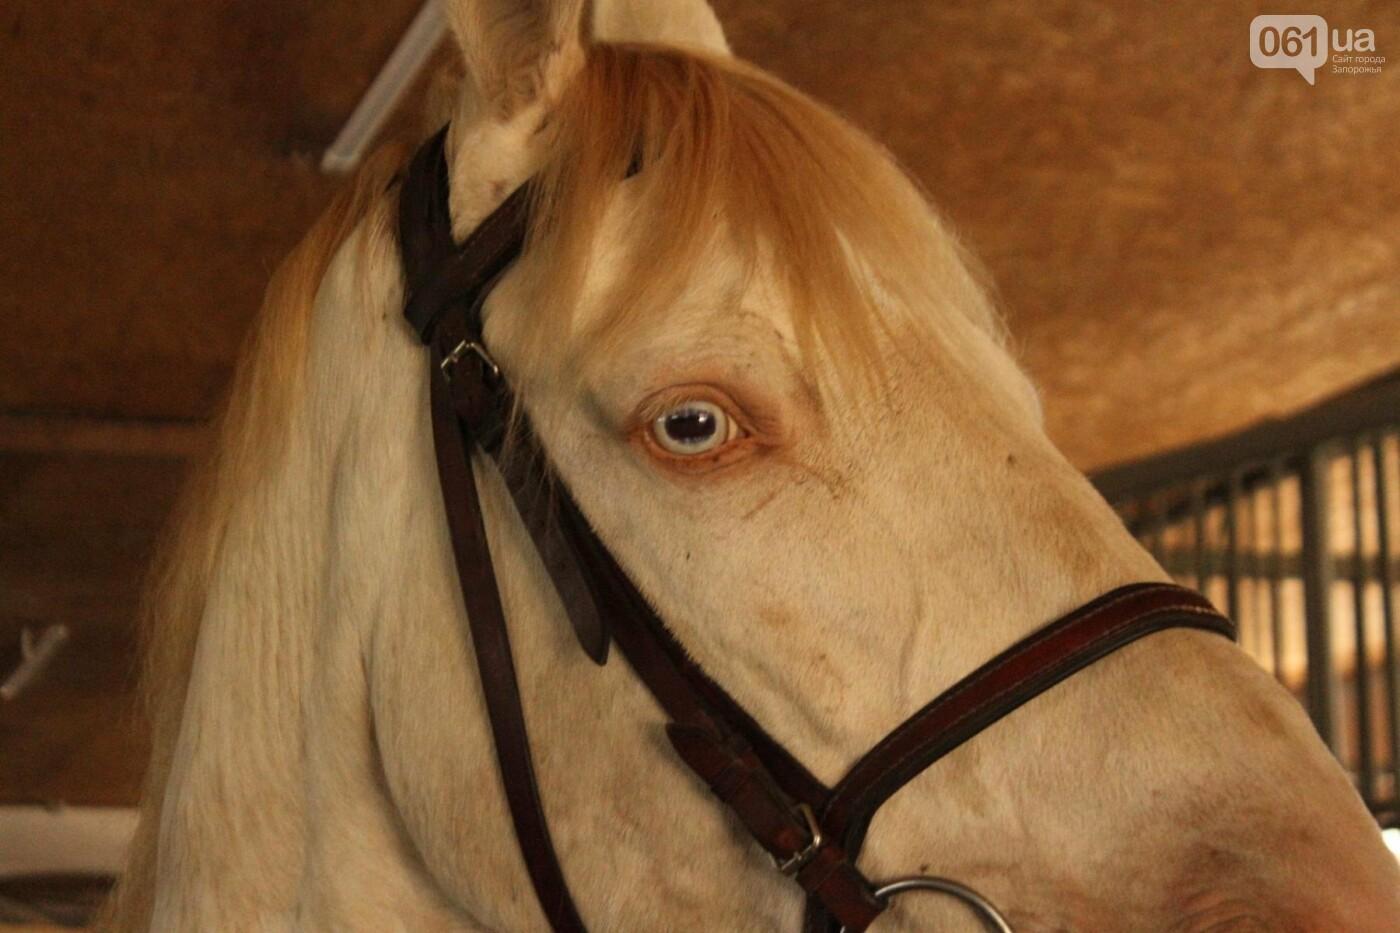 Незабываемое общение с лошадьми: экскурсия в конноспортивный клуб «Патриот», – ФОТОРЕПОРТАЖ, фото-4